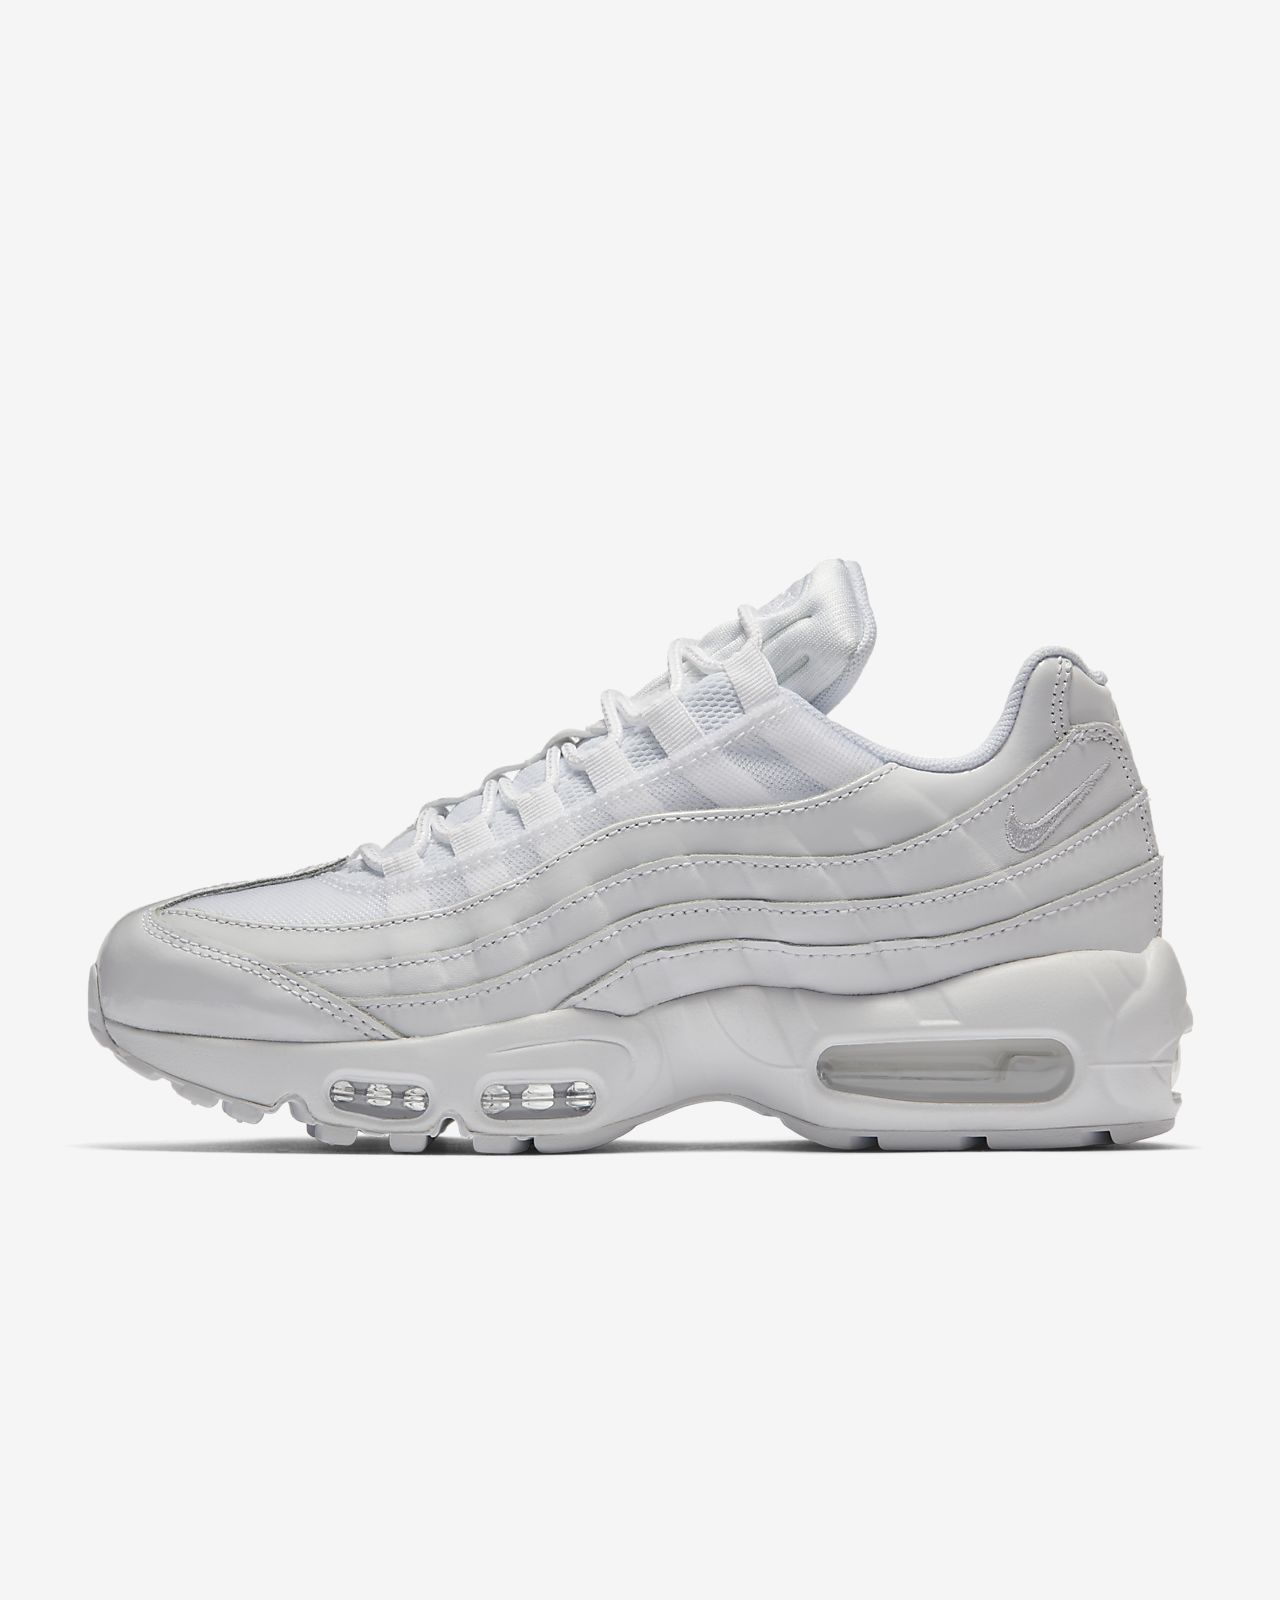 Γυναικείο παπούτσι Nike Air Max 95